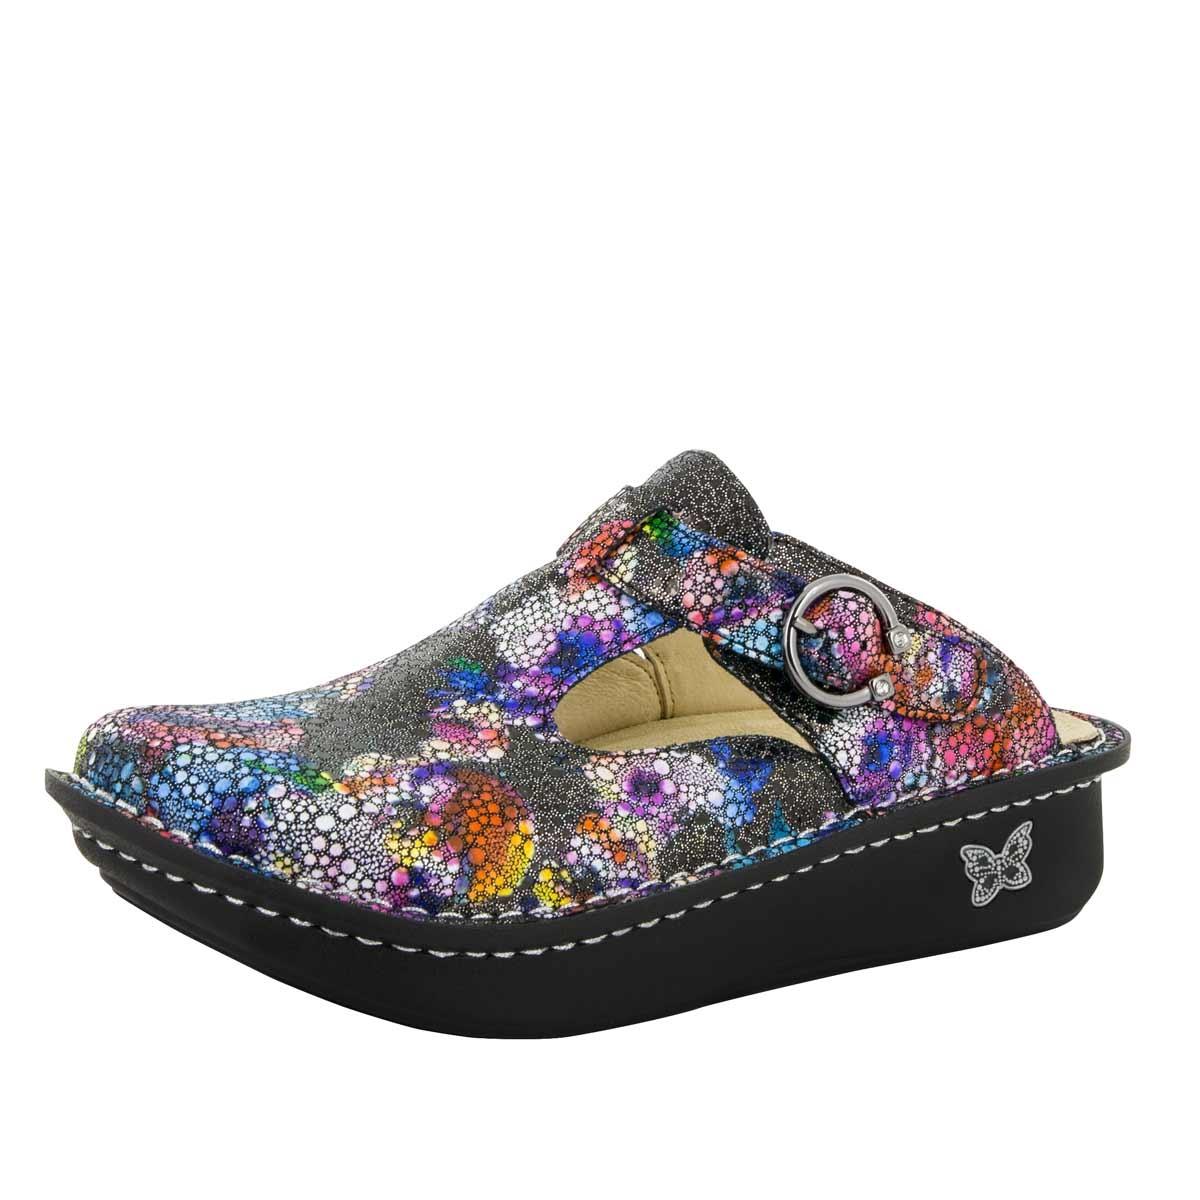 Classic Bubblish Clog Alegria Shoes